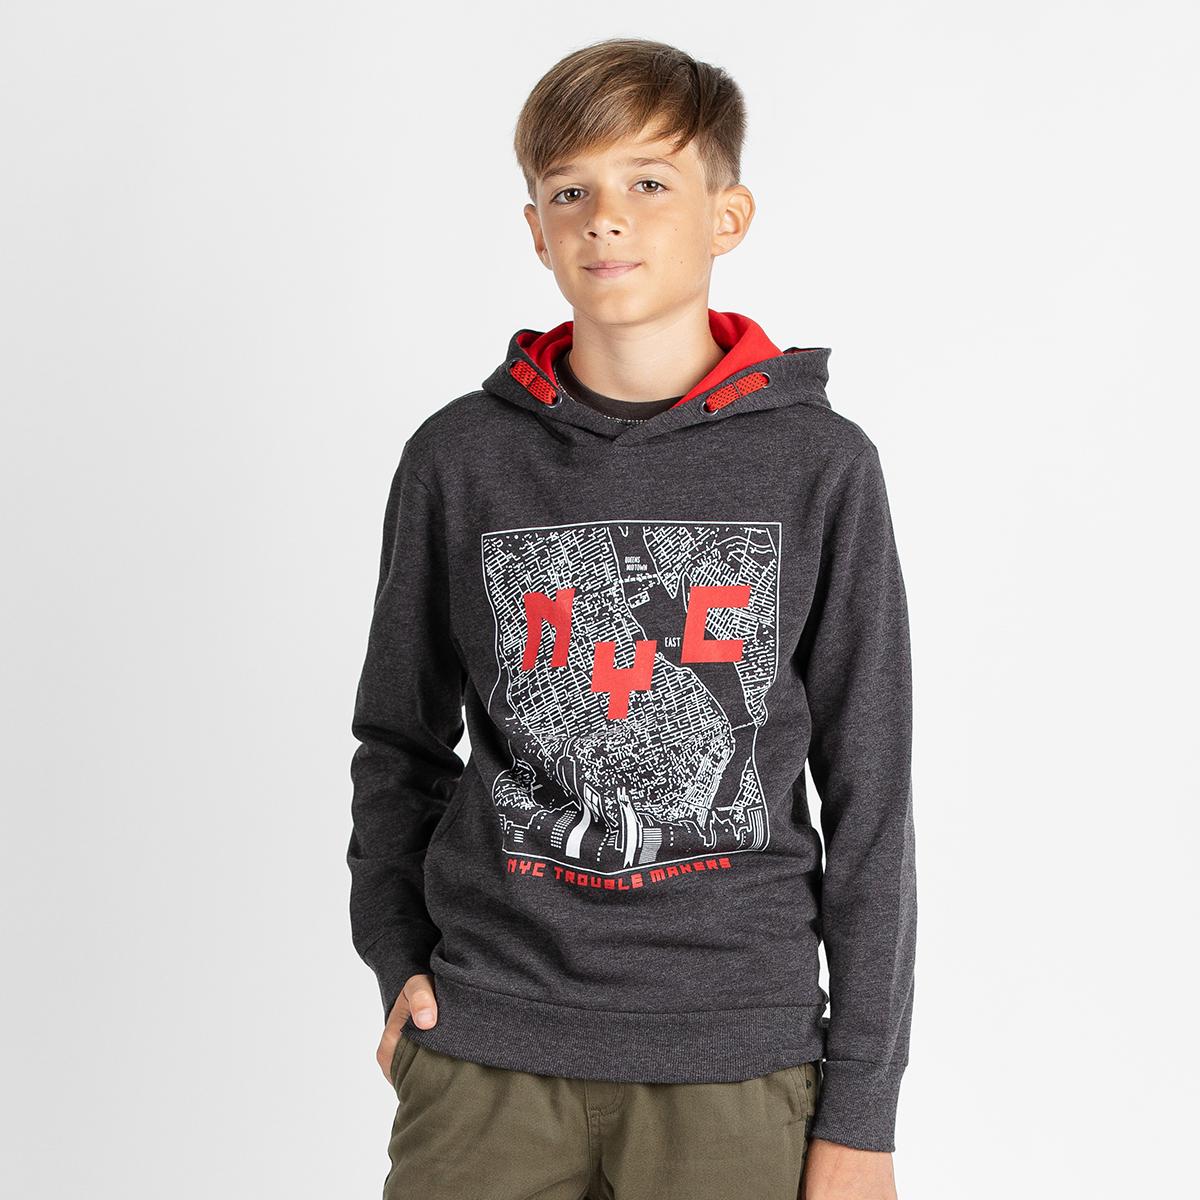 Fantovski pulover, temno melange siva